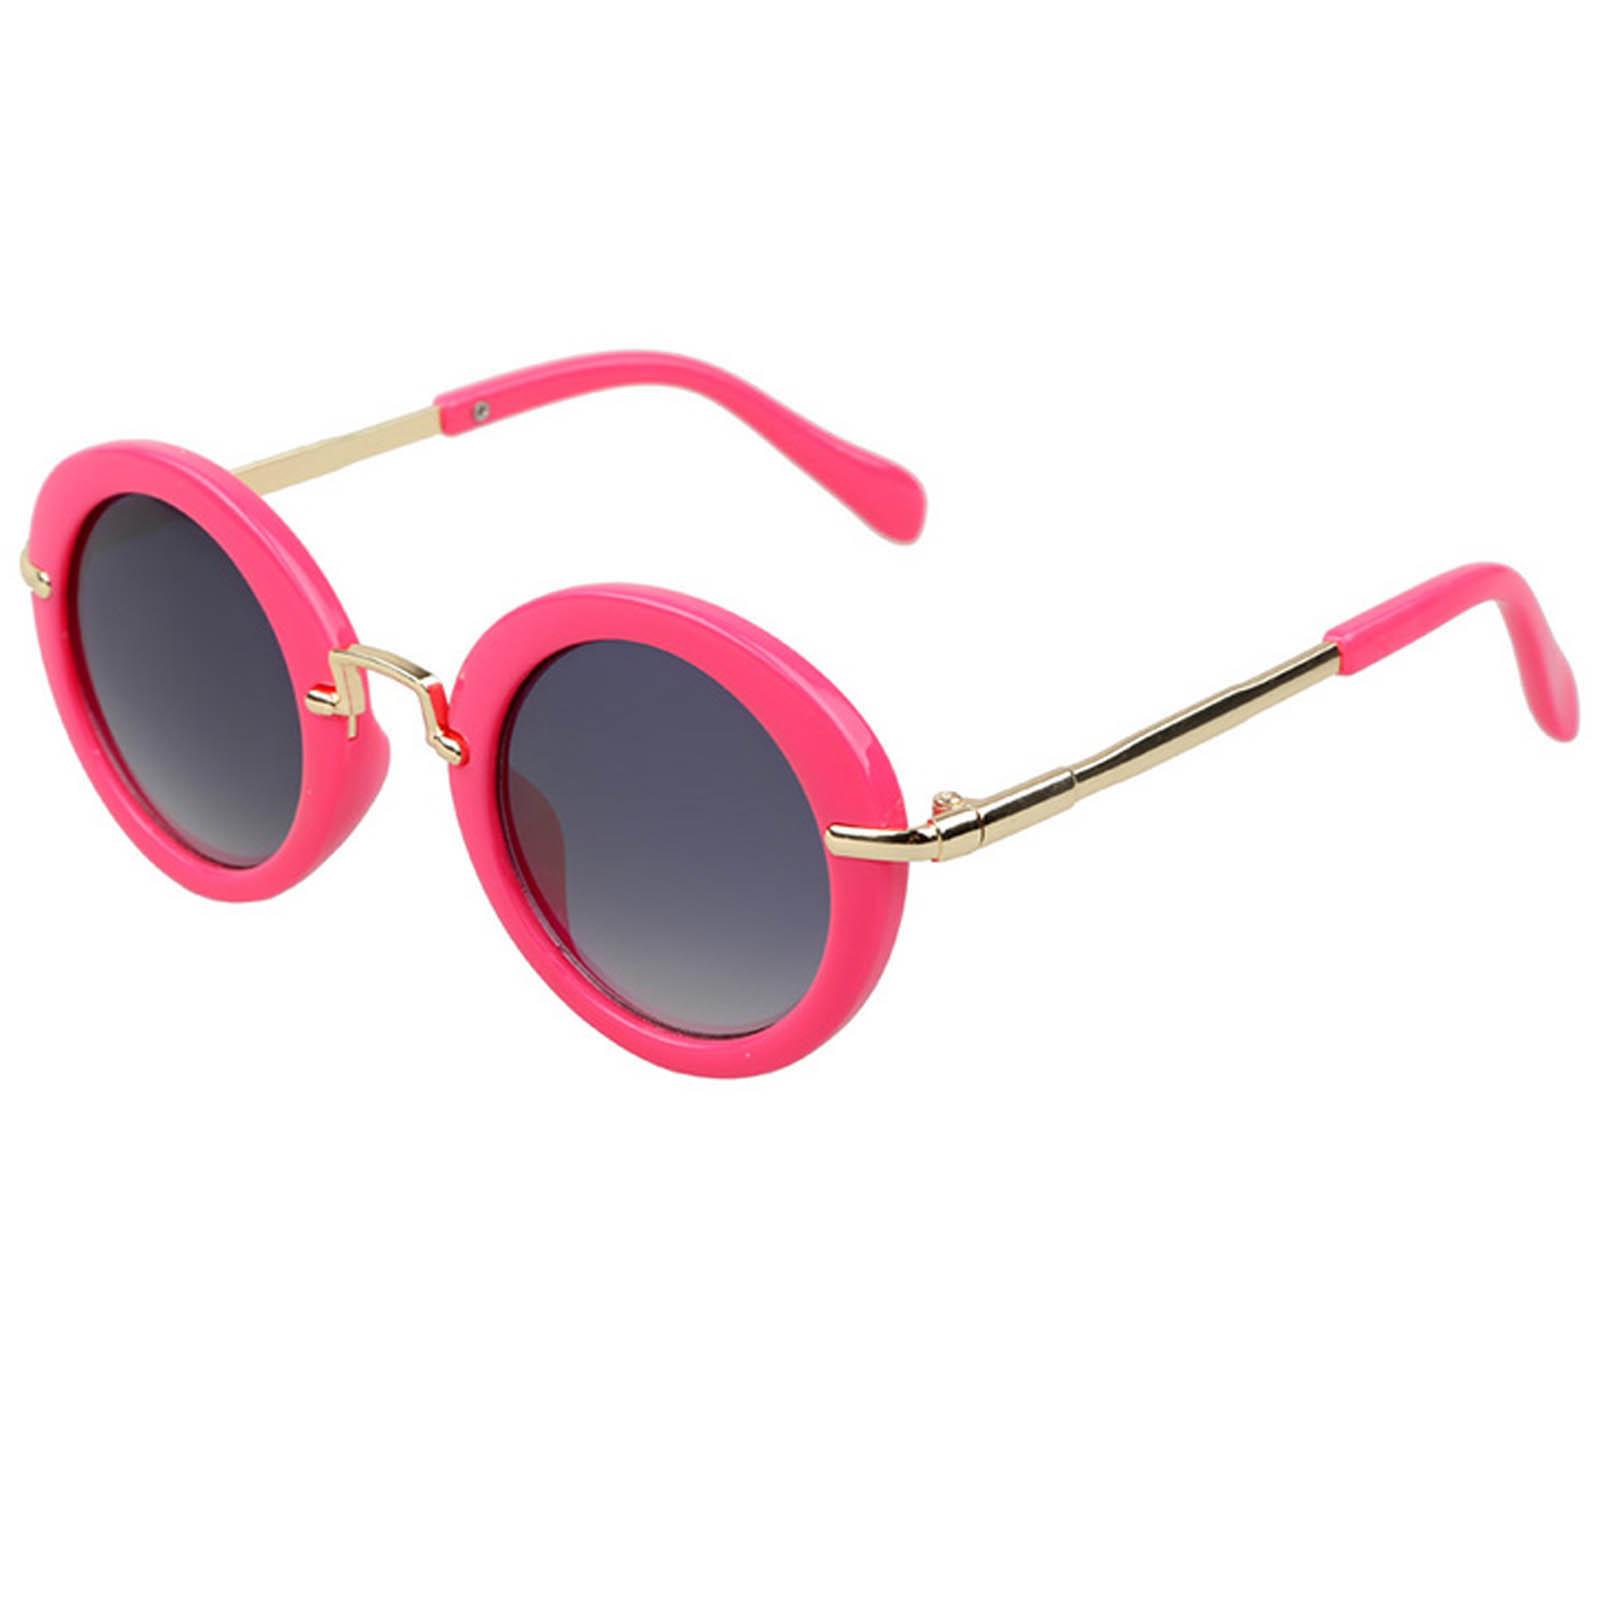 OWL ® 045 C3 Round Eyewear Sunglasses Women's Men's Metal Round Circle Hot Pink Frame Smoke Lens One Pair